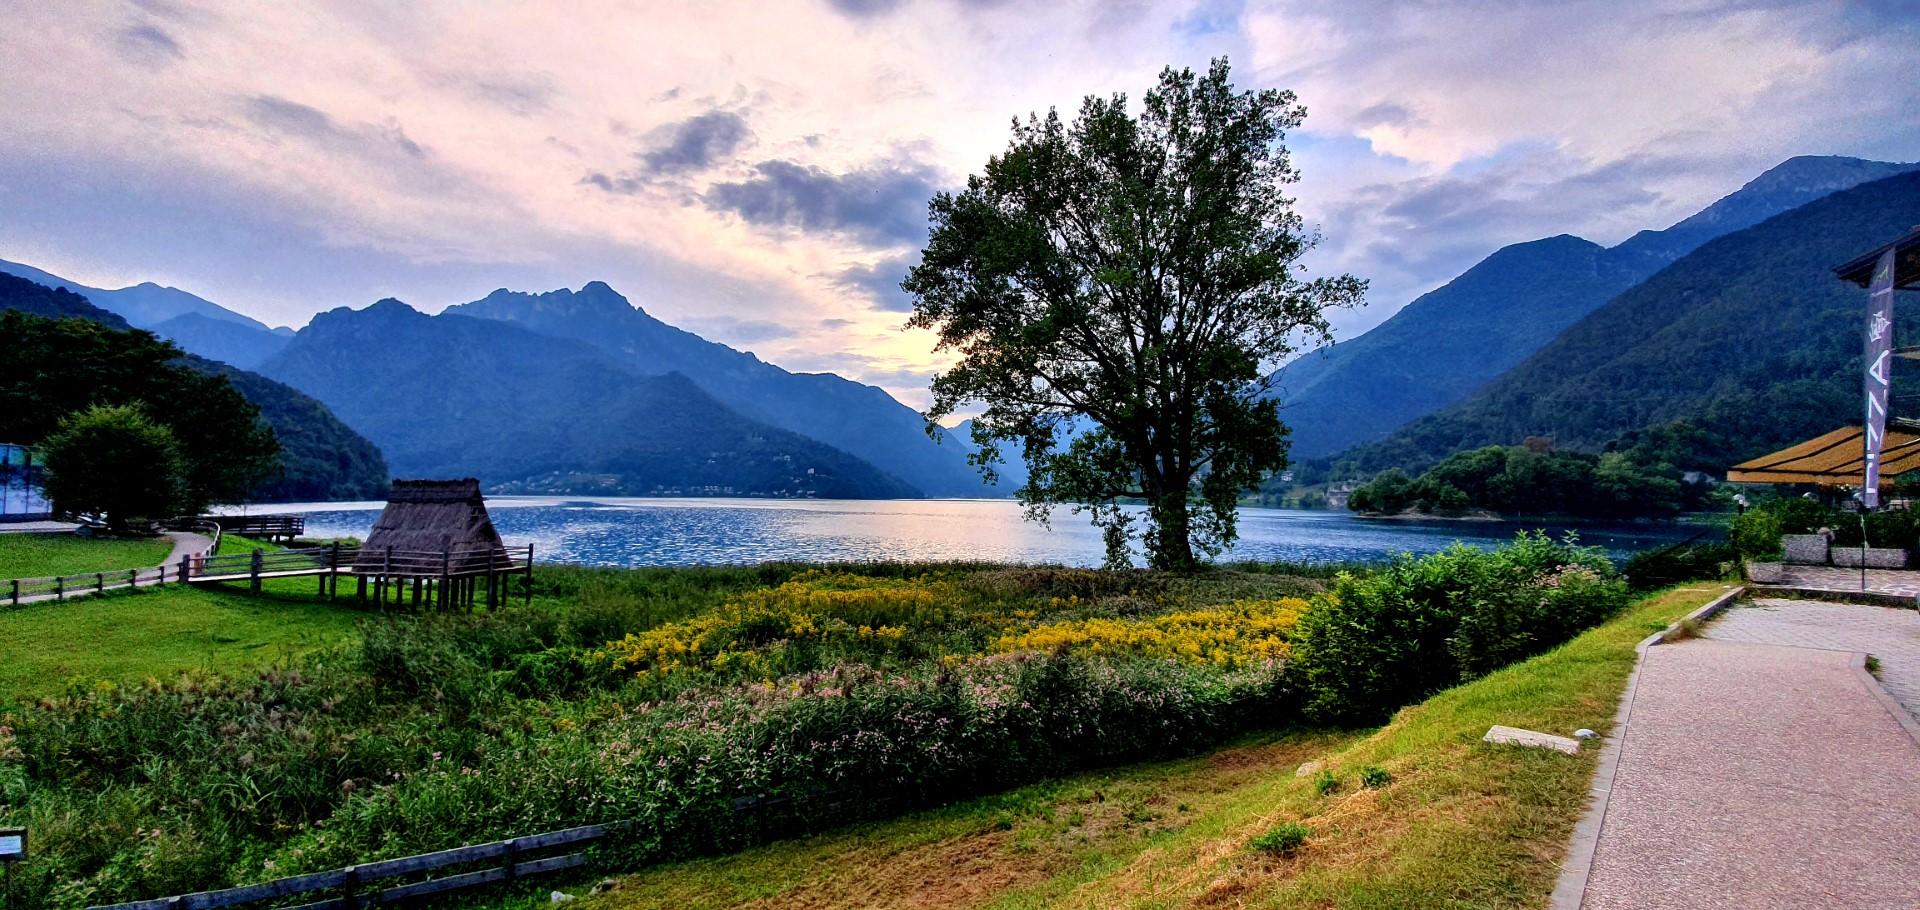 MAlowniczo położone Lago di Ledro i otaczające je góry. Samotne drzewo.